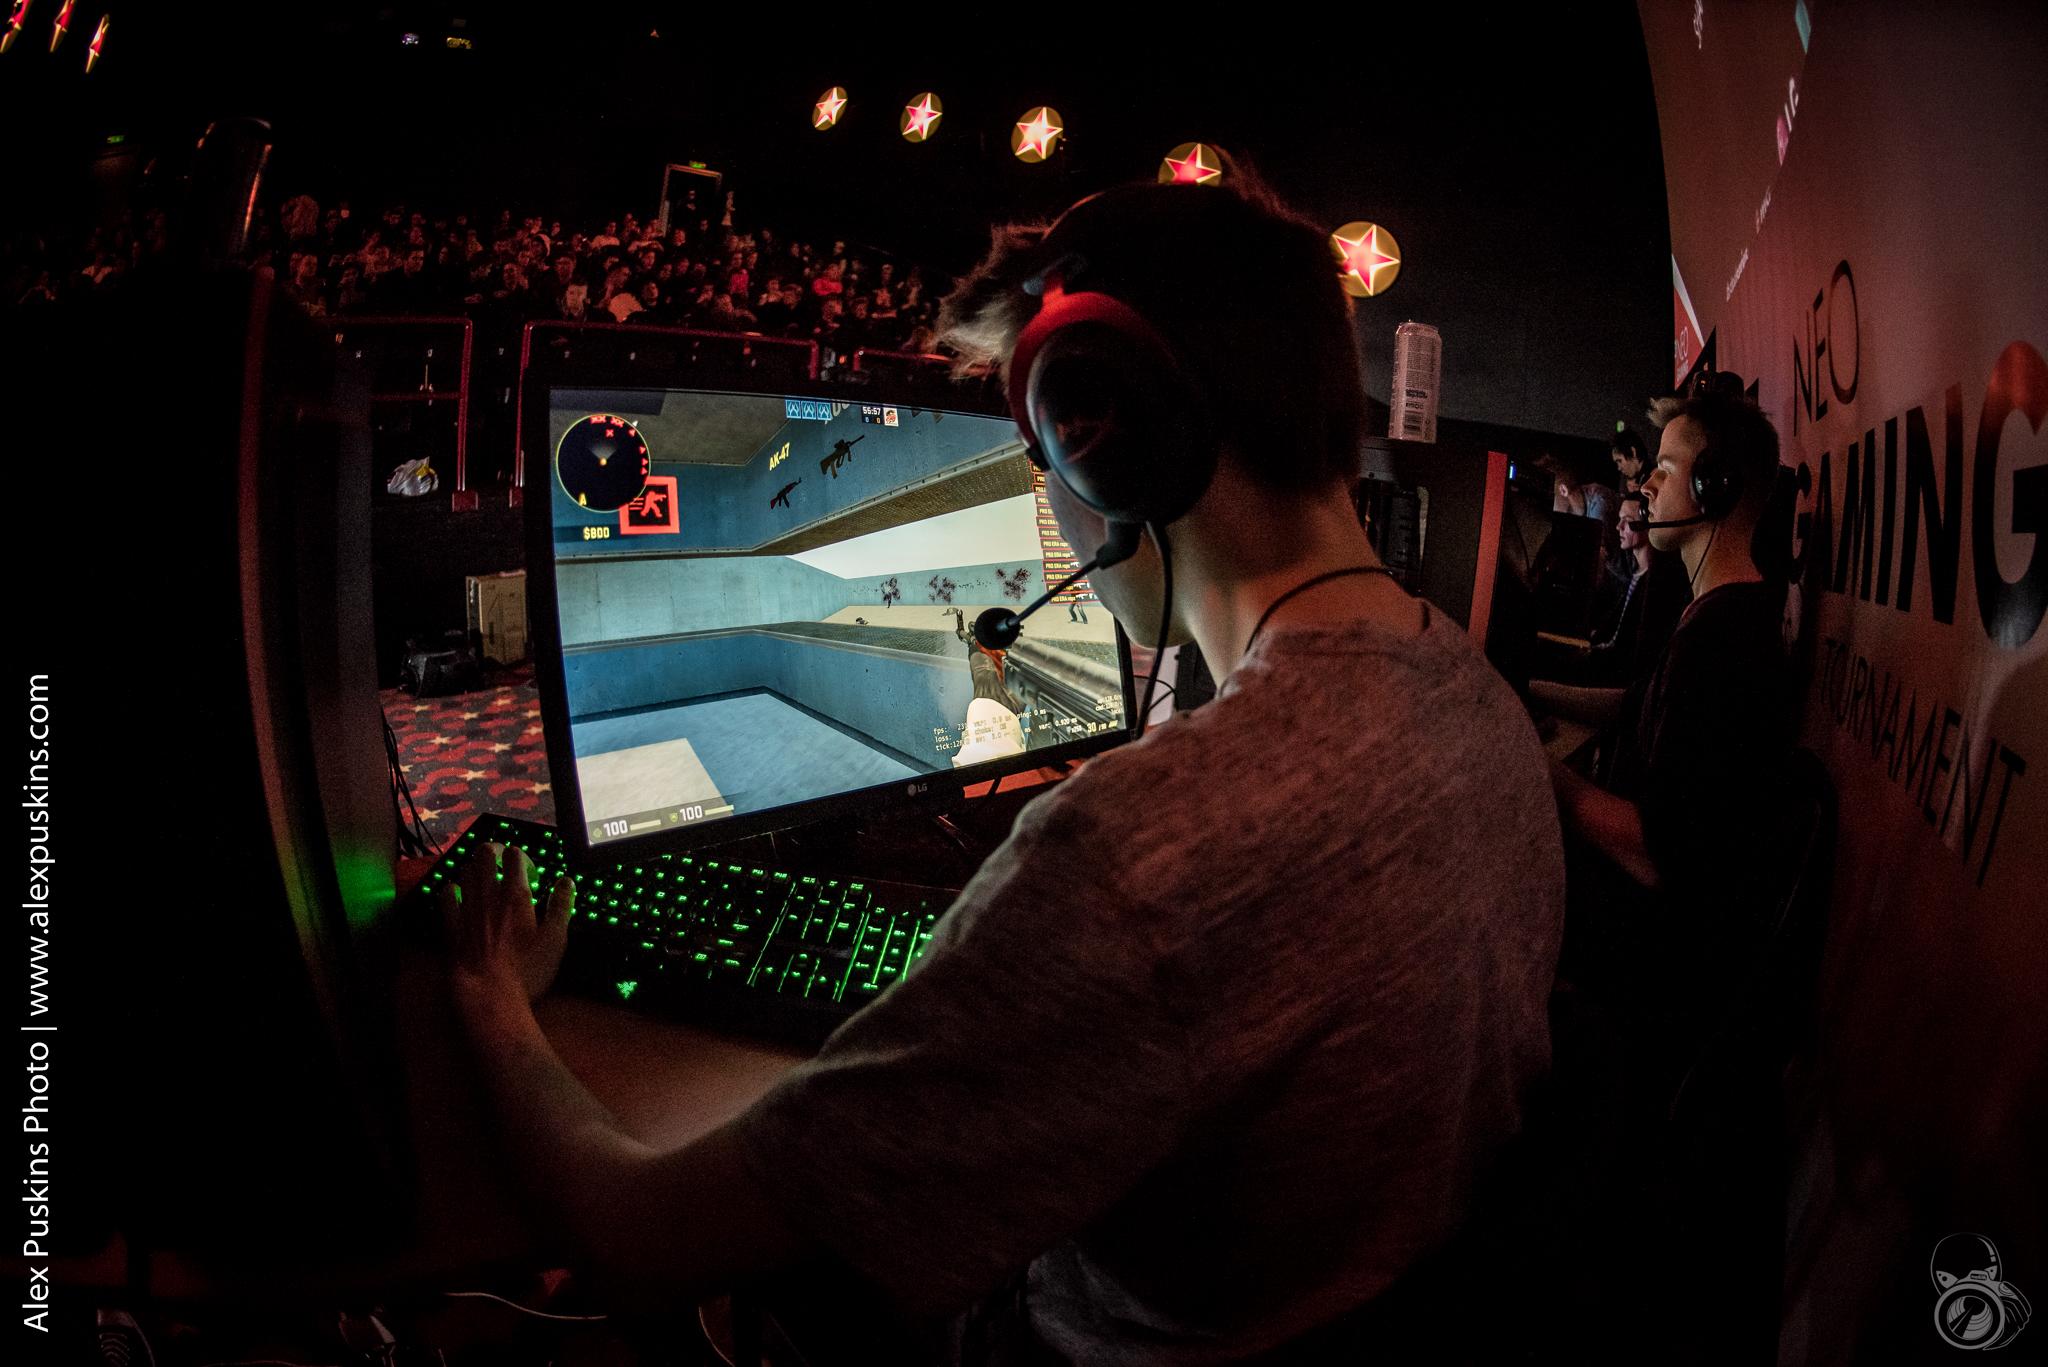 Увлекательная информация про игру Counter Strike